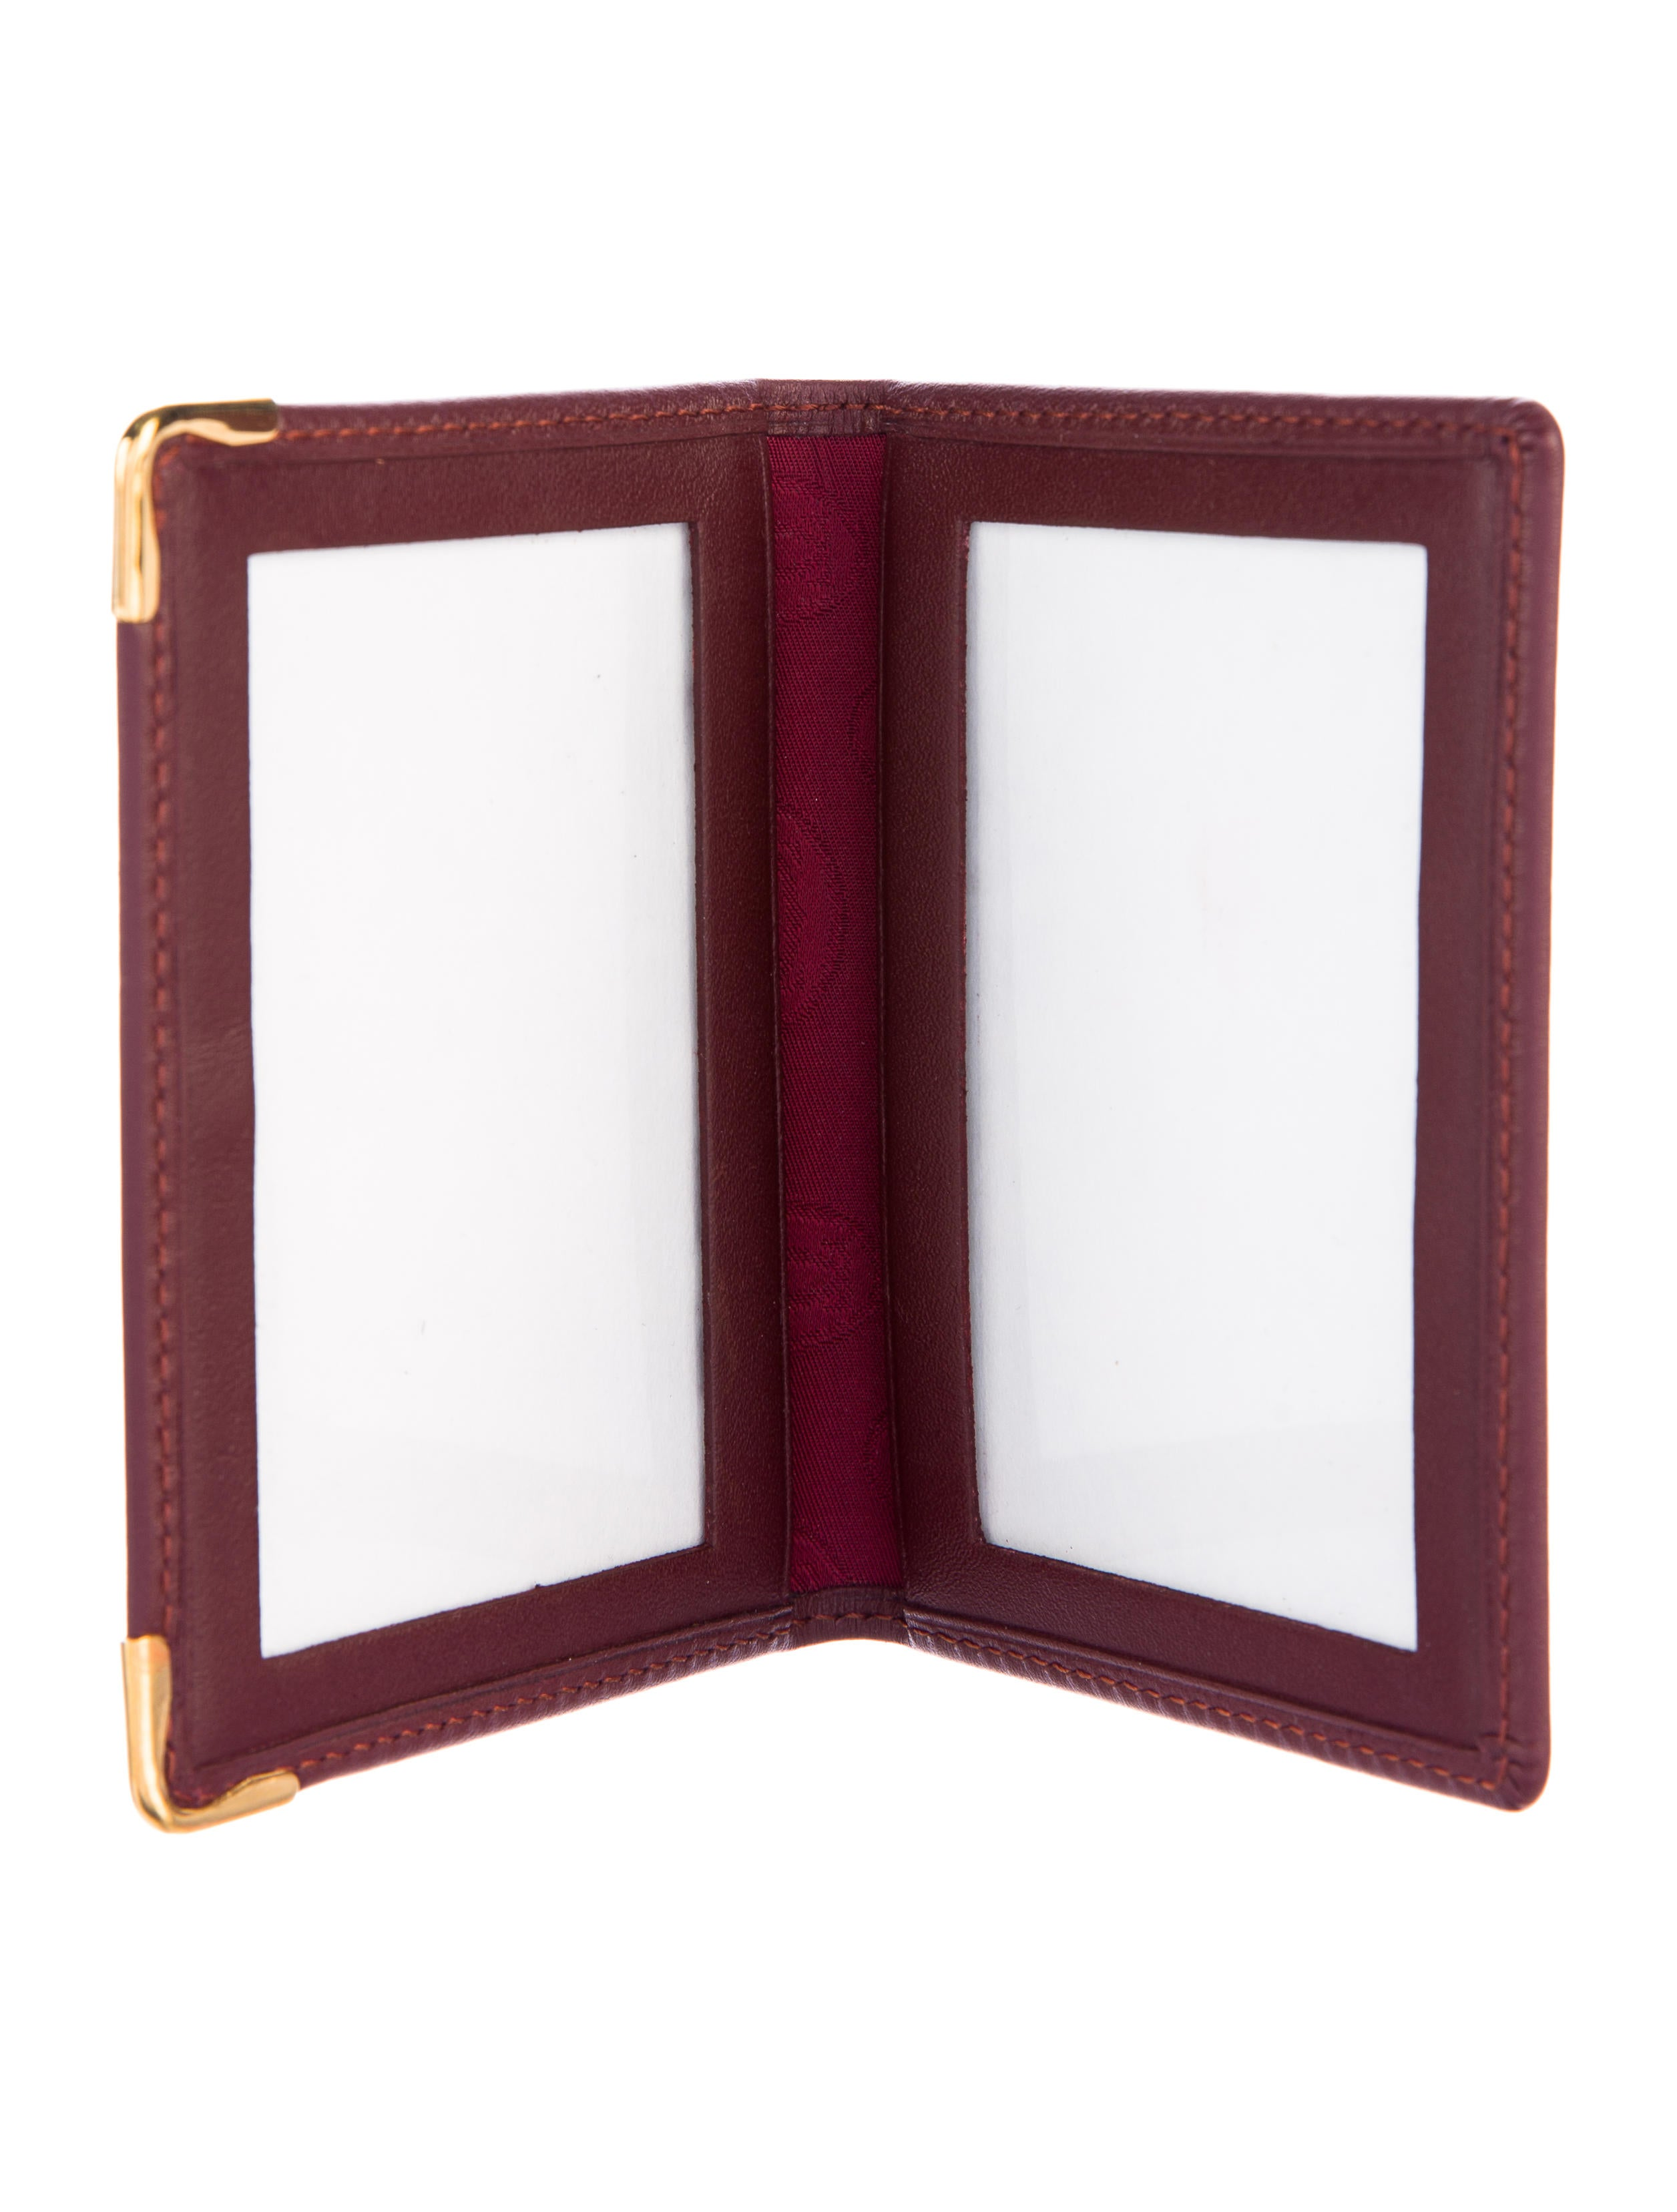 Cartier Must De Cartier Card Holder Decor And